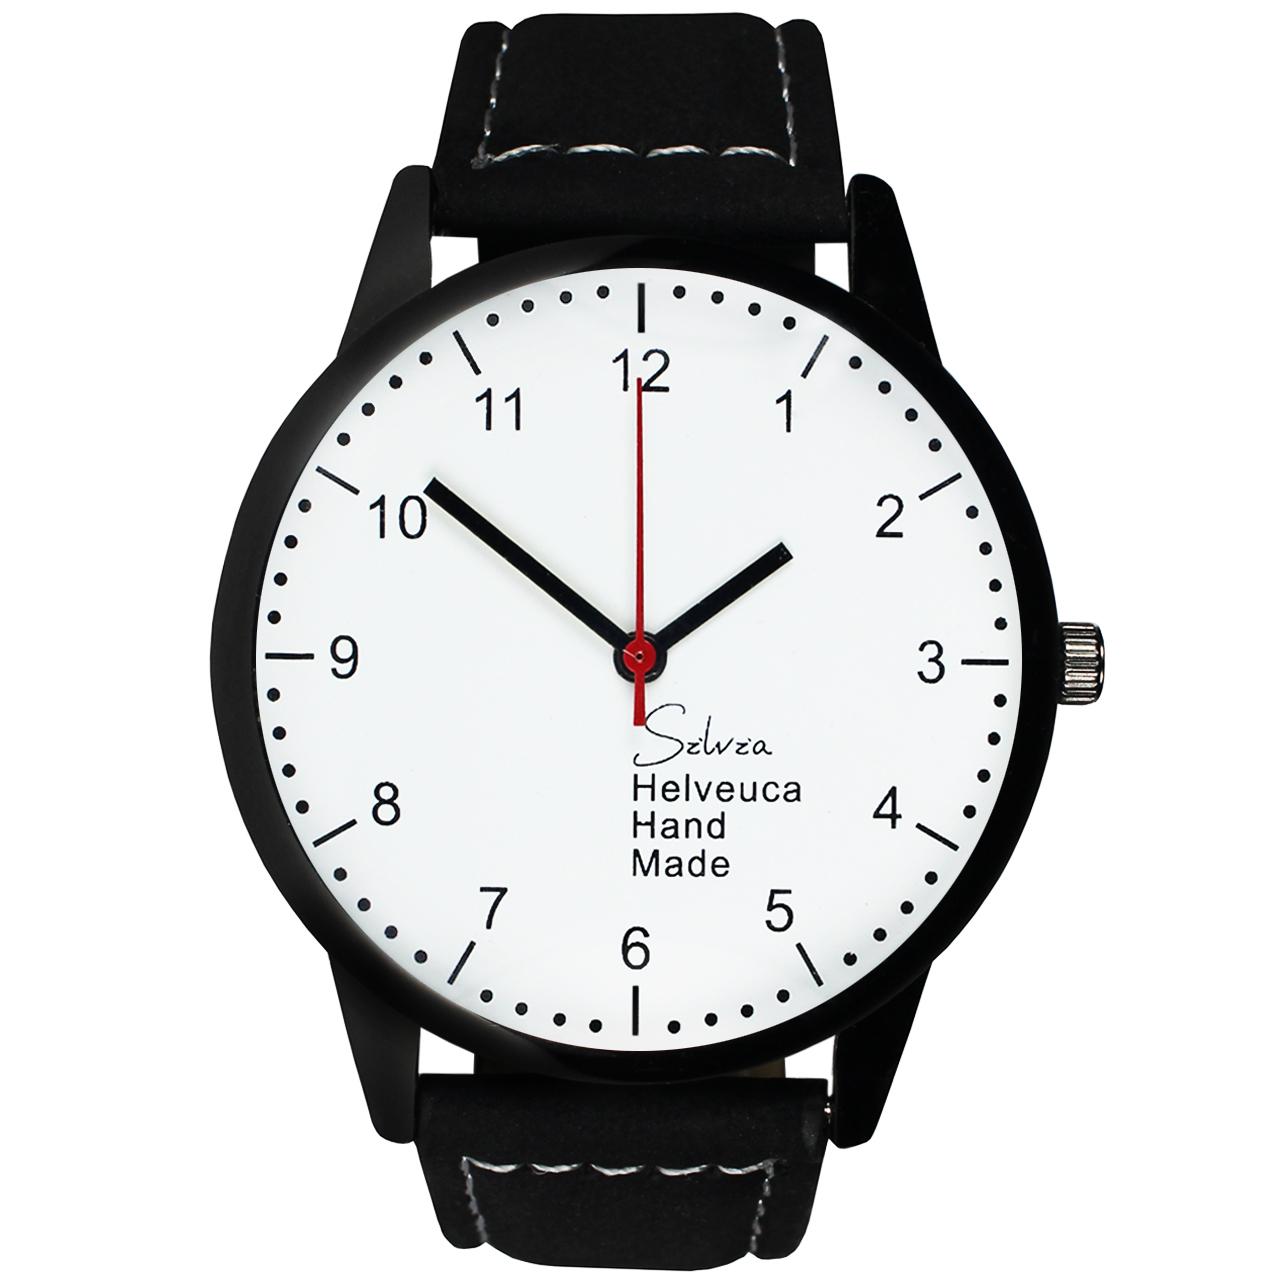 ساعت مچی عقربه ای مردانه و زنانه سیلویا مدل S-03 28